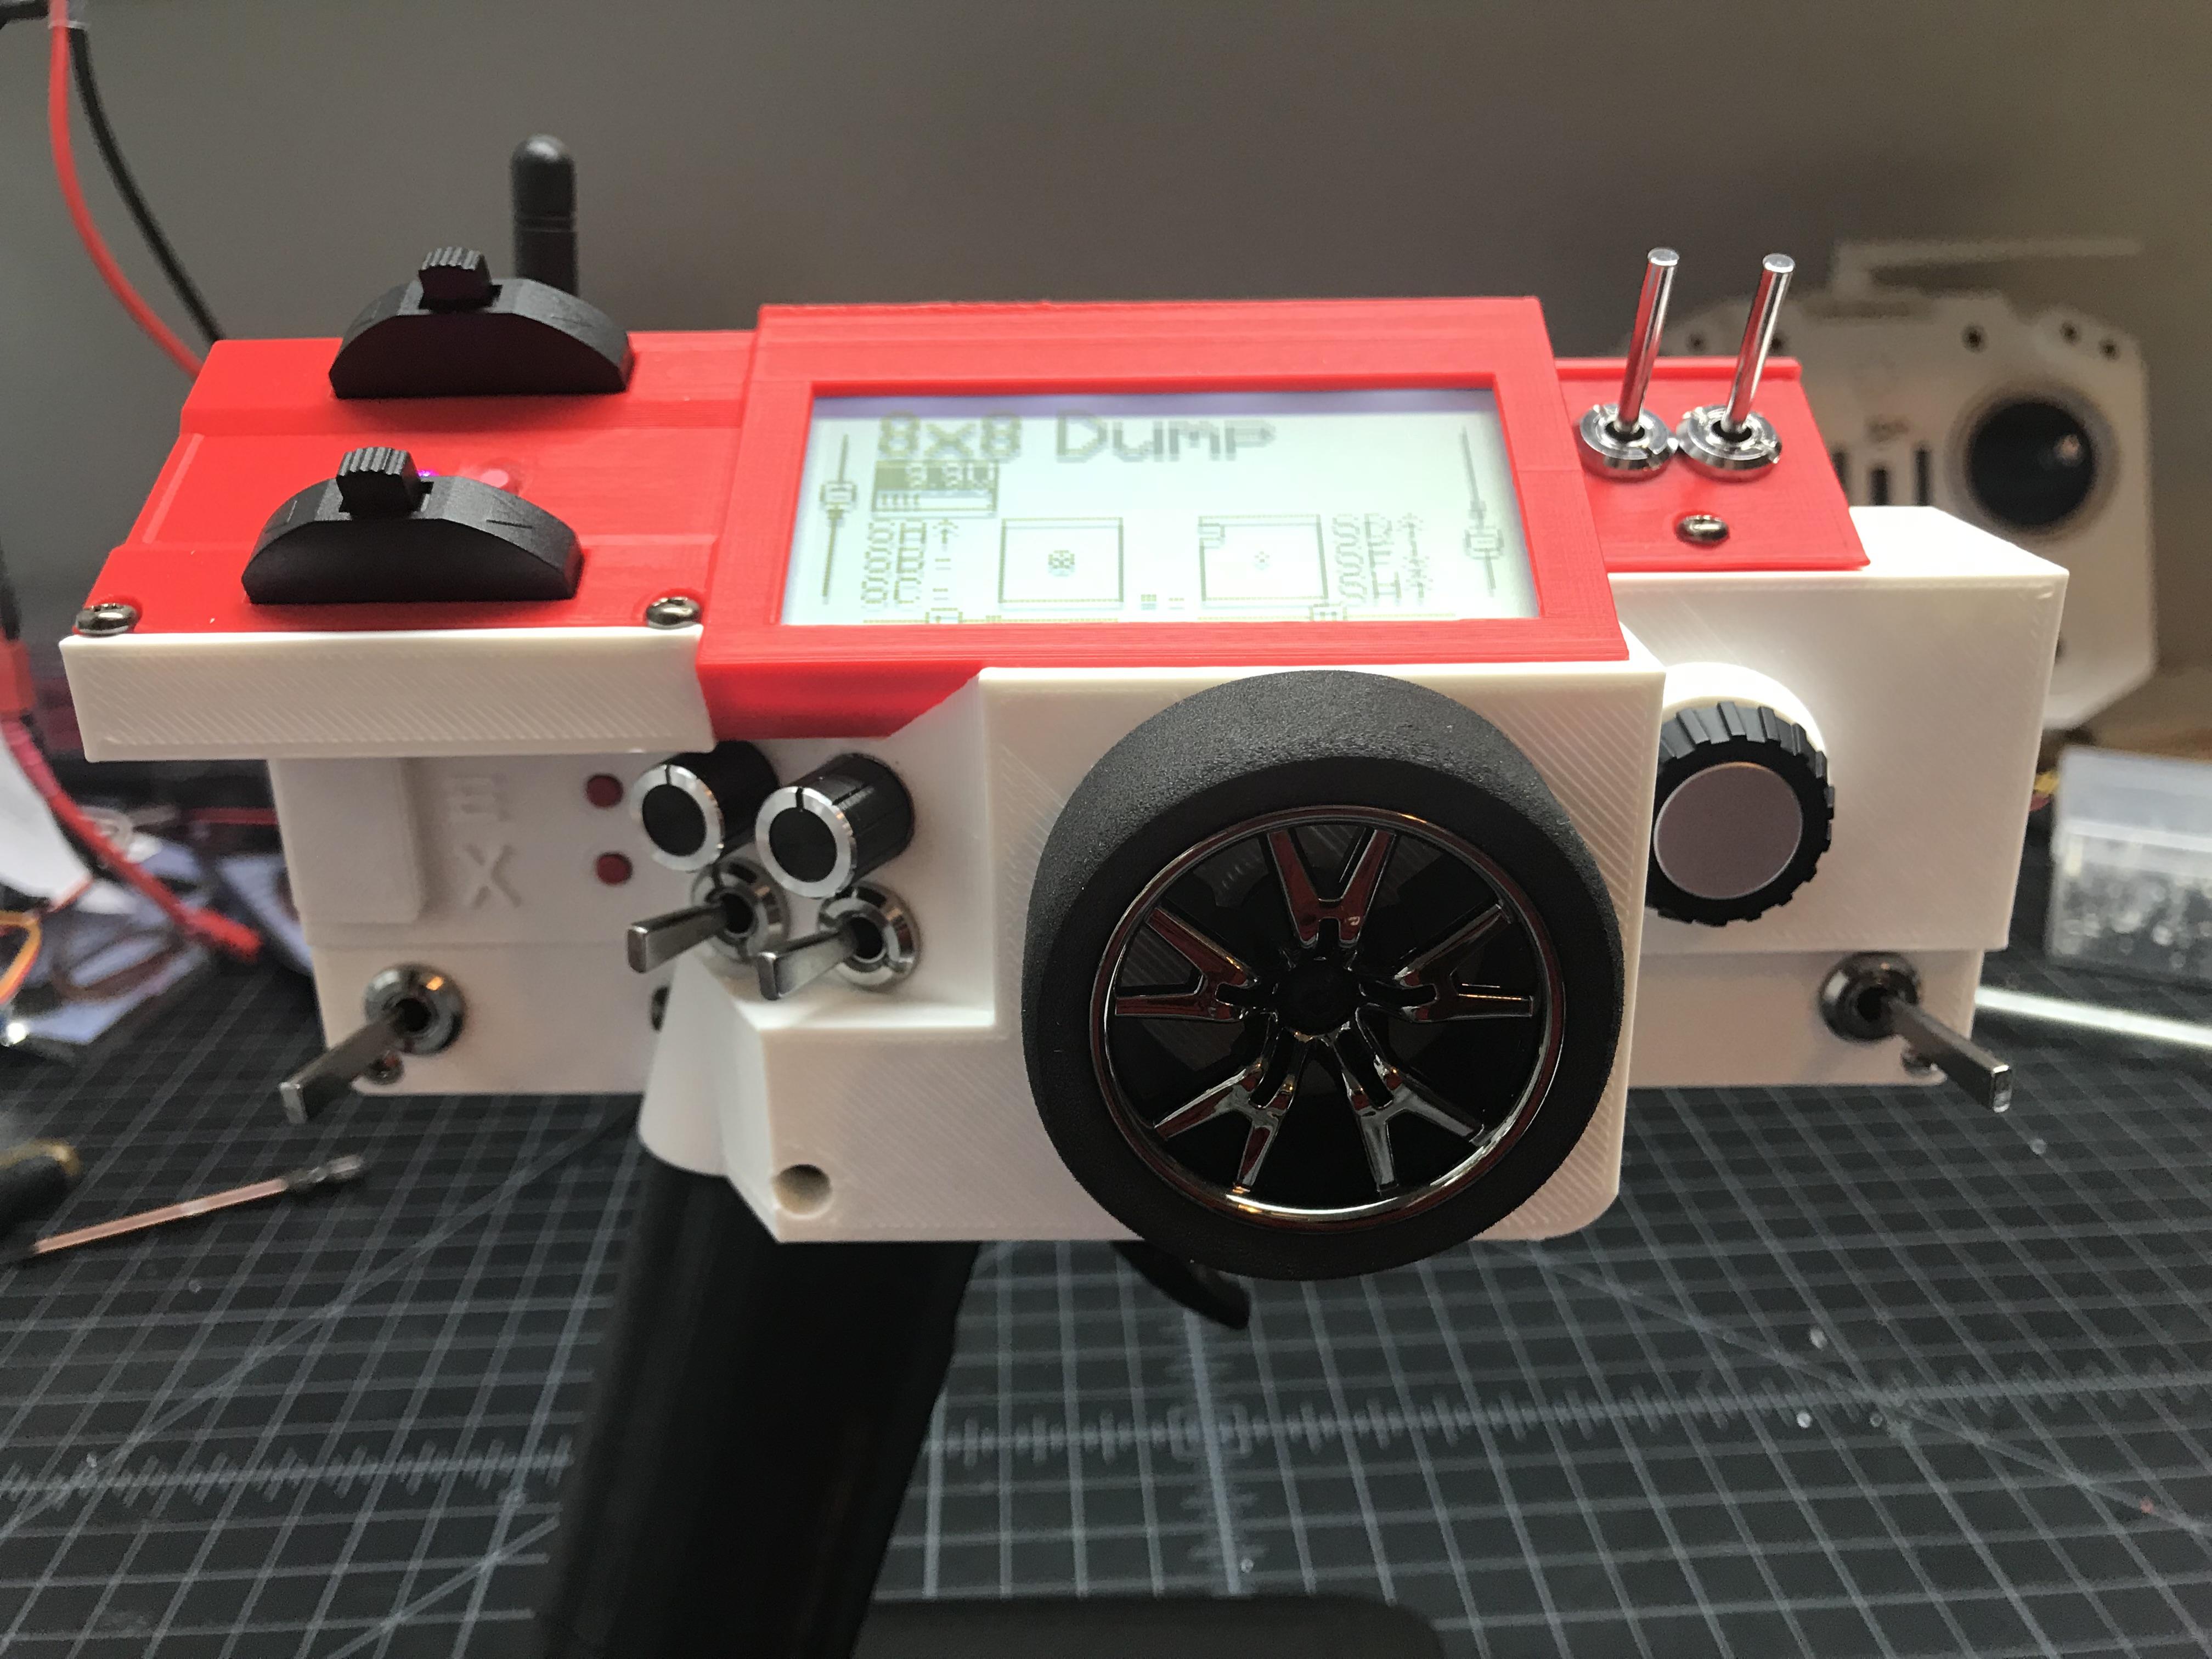 Taranis Pistola: A pistol grip RC controller with a Taranis